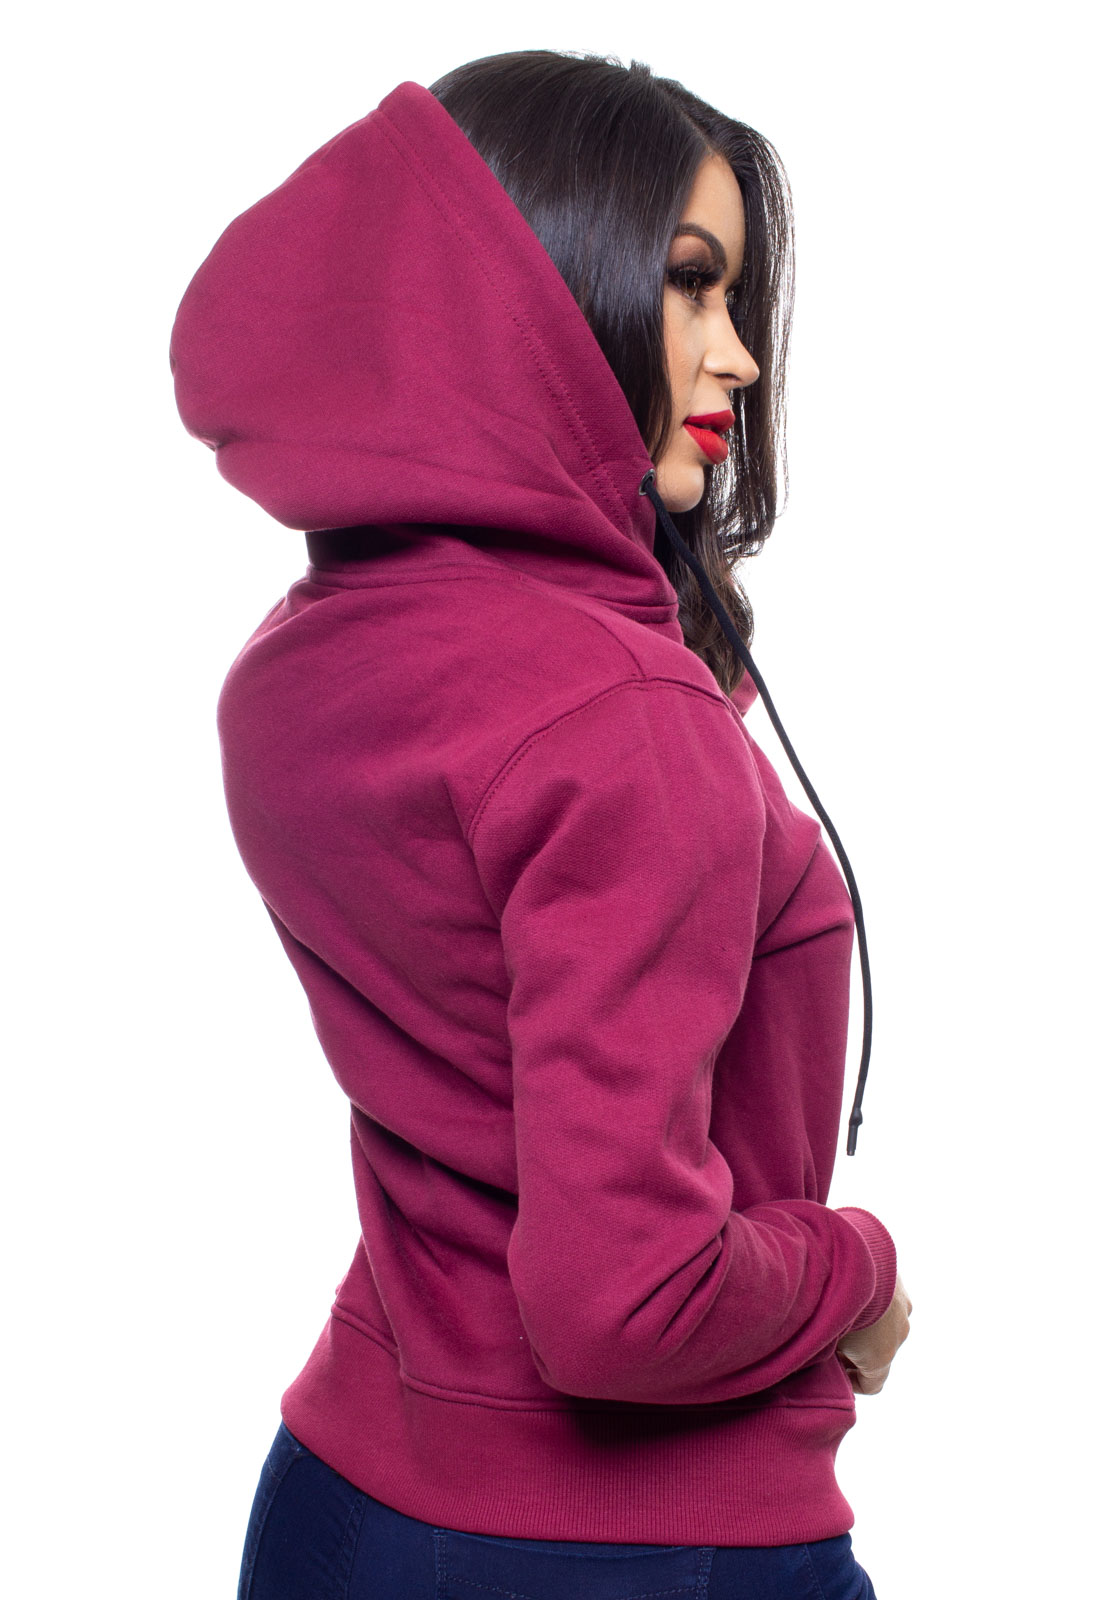 Blusa de Moletom feminina Crocker - 47952  - CROCKER JEANS